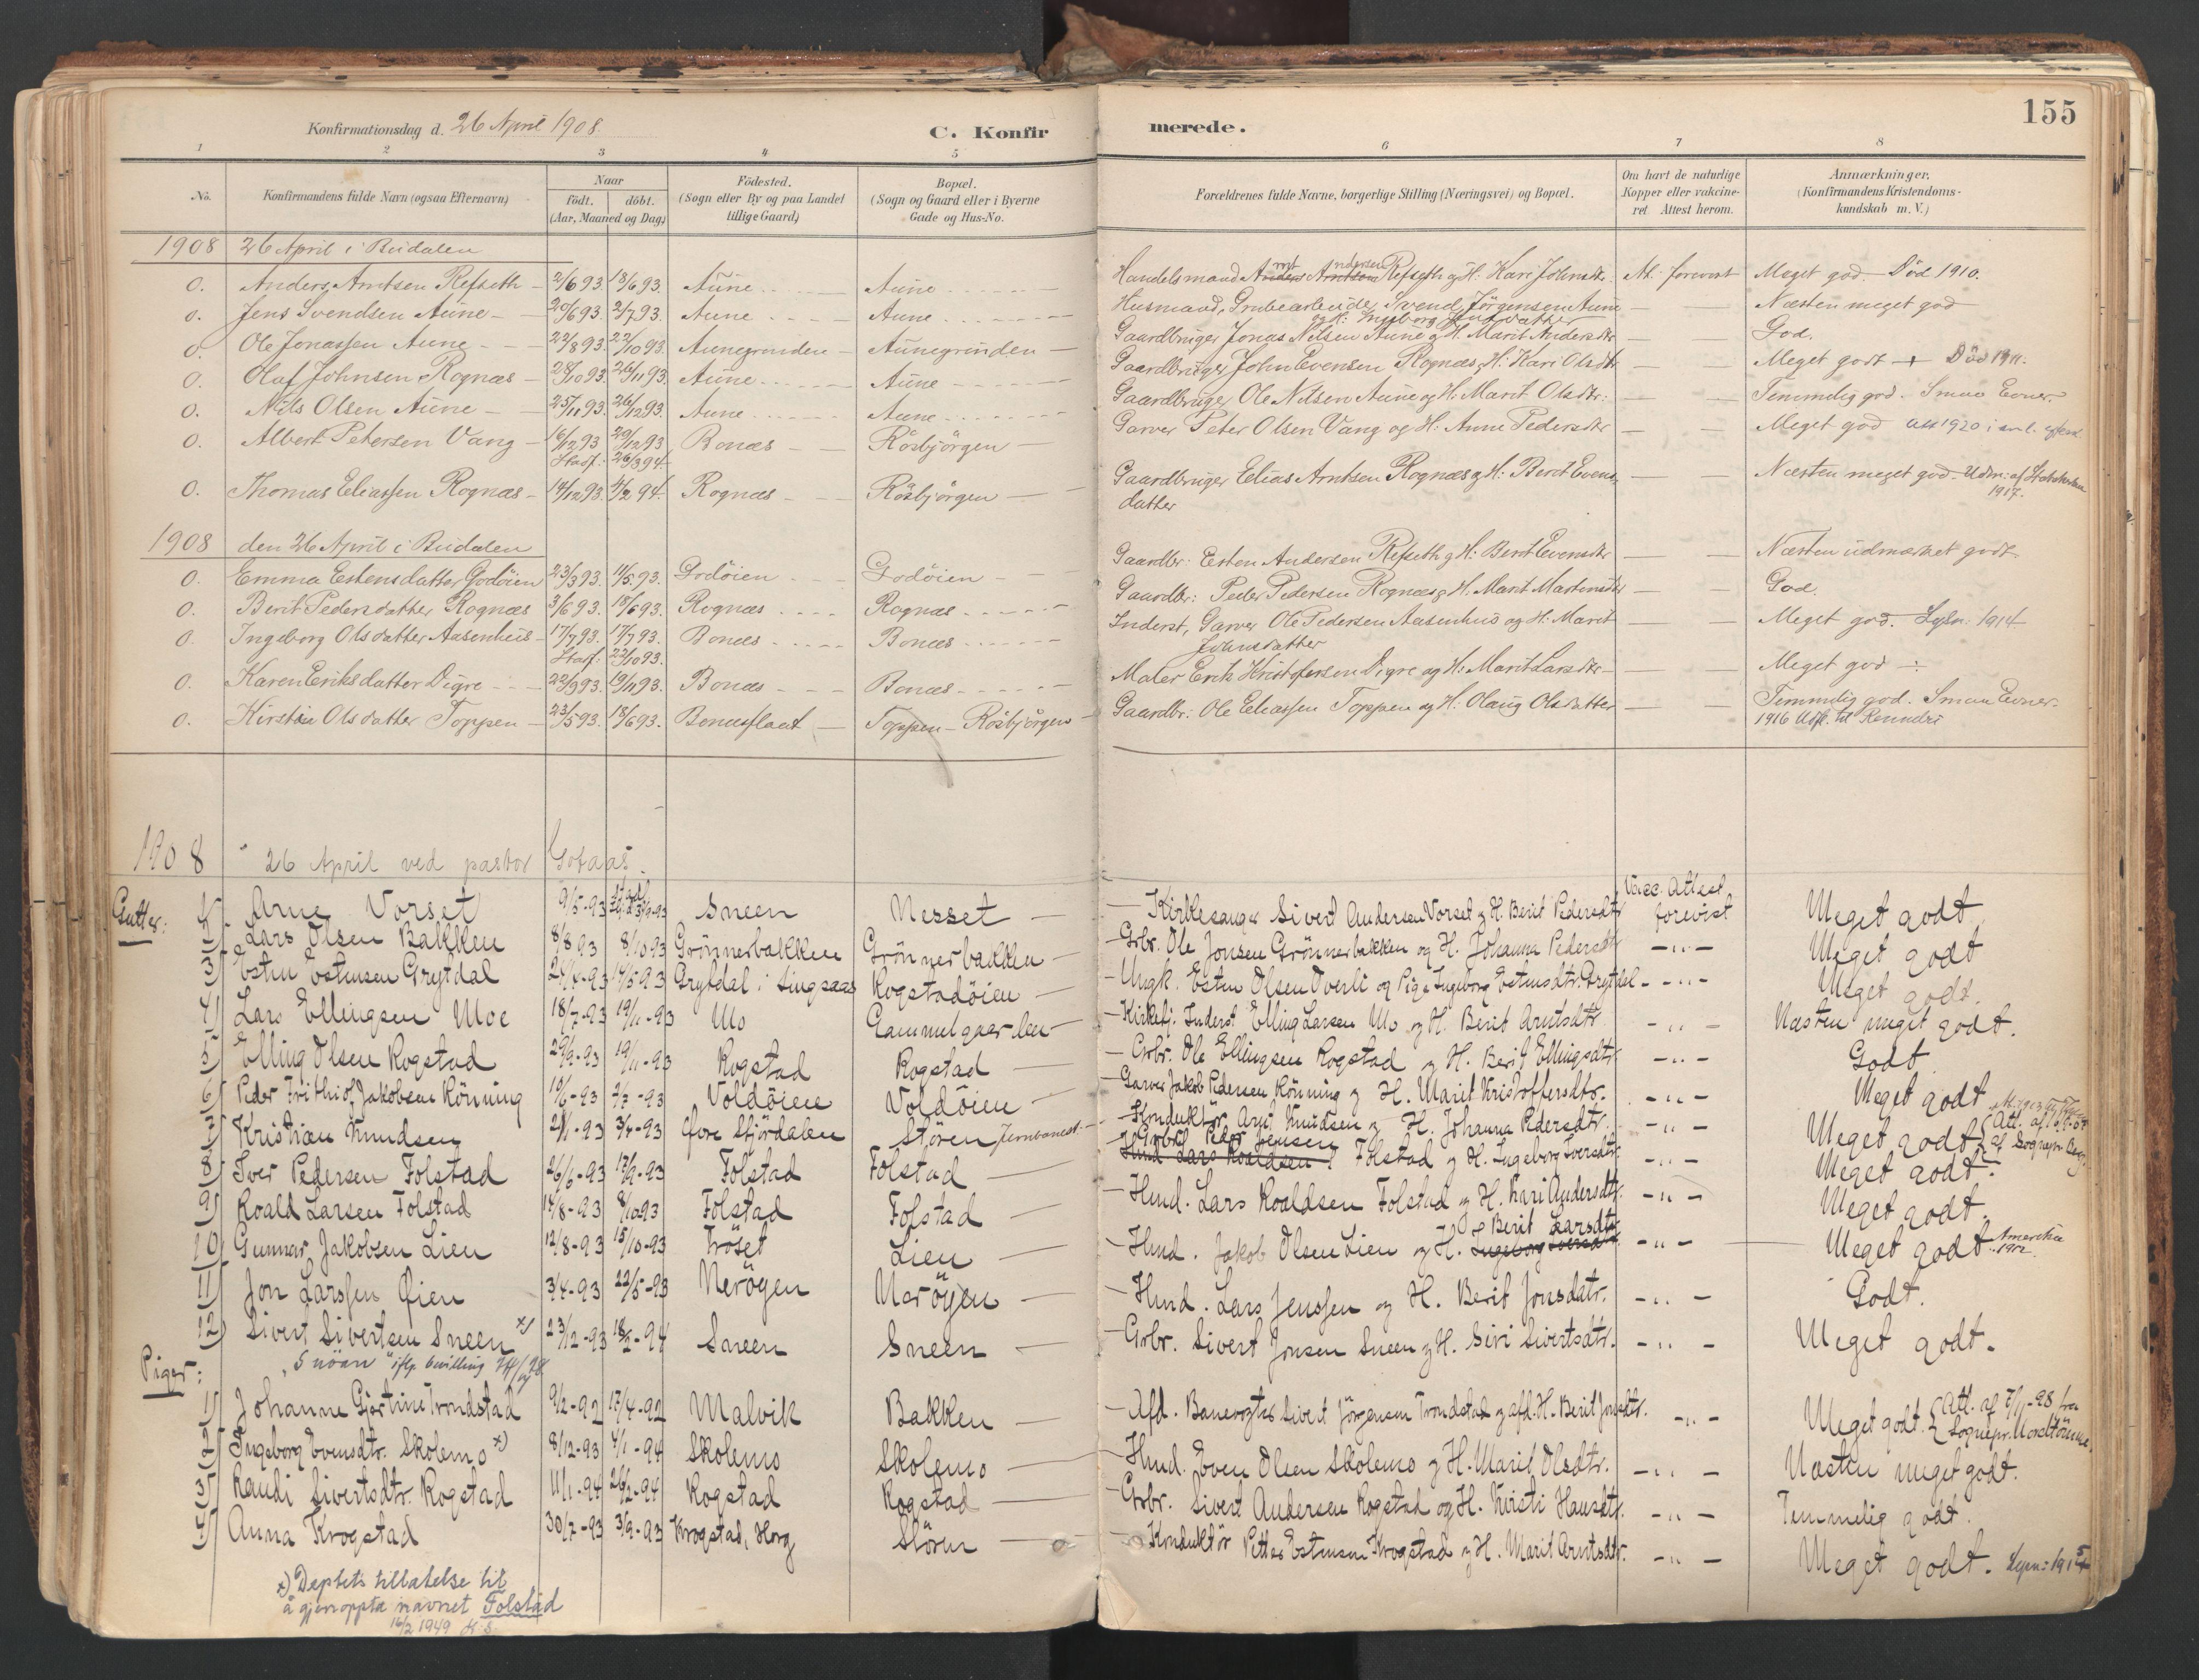 SAT, Ministerialprotokoller, klokkerbøker og fødselsregistre - Sør-Trøndelag, 687/L1004: Ministerialbok nr. 687A10, 1891-1923, s. 155